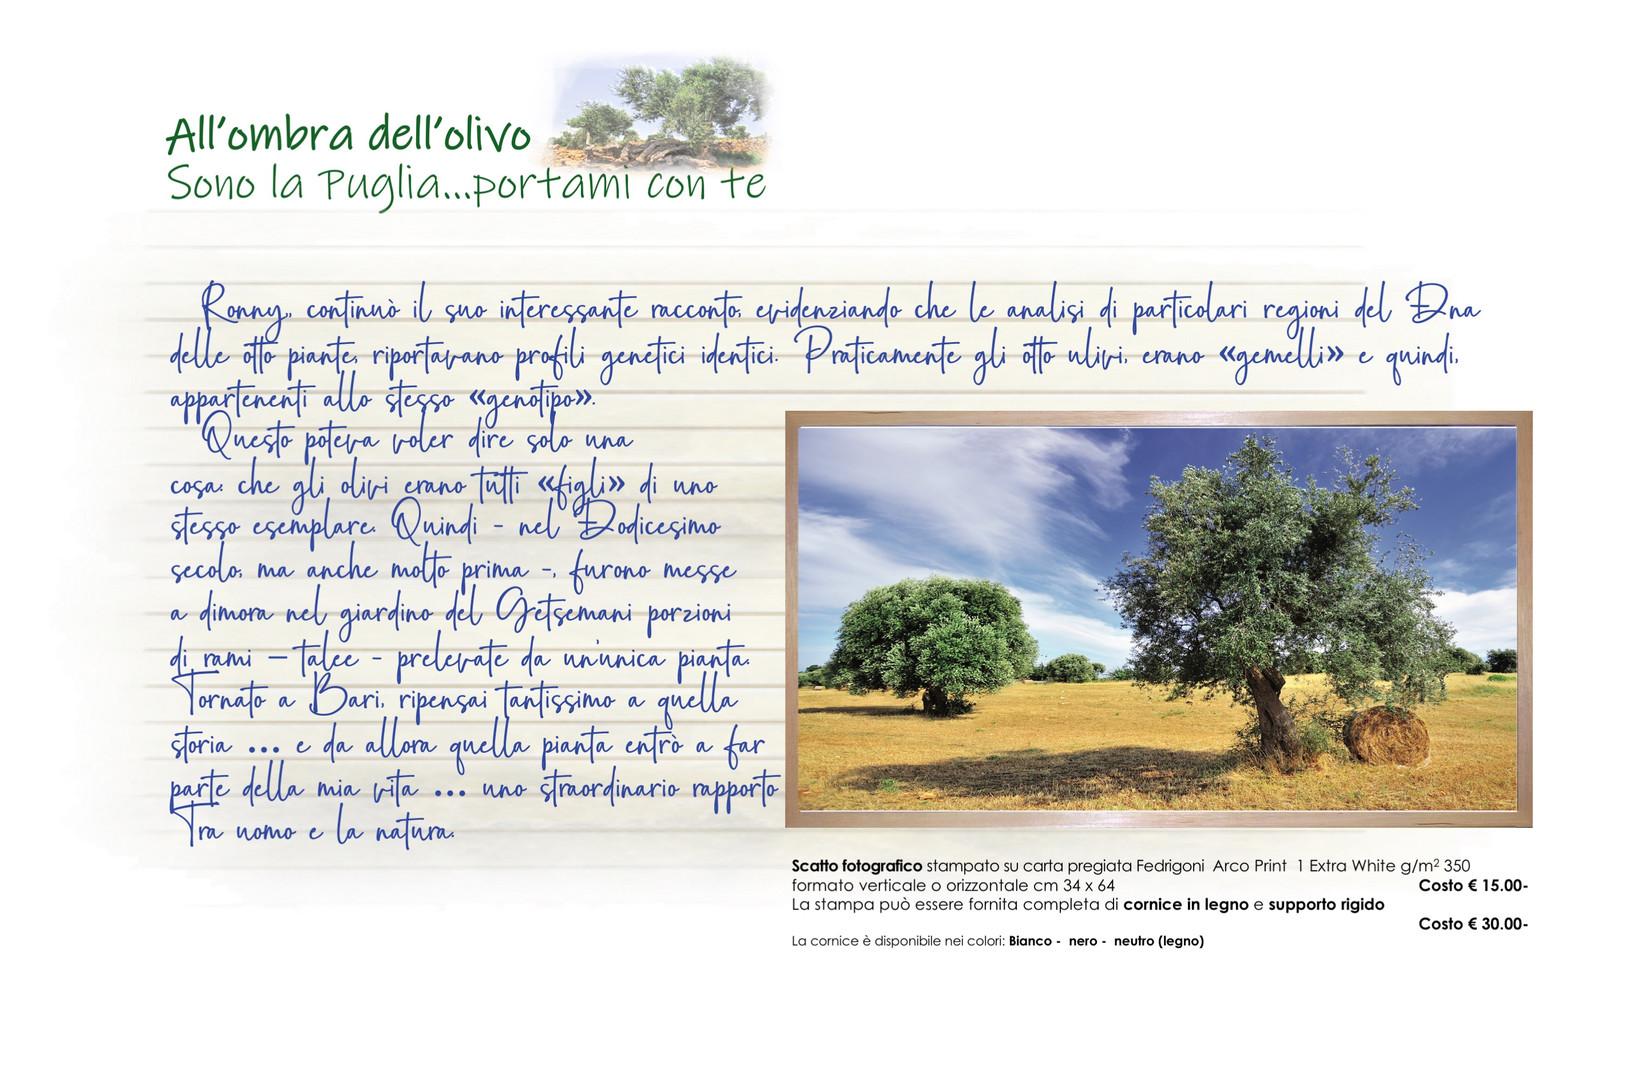 00006 All'ombra dell'olivo Talea muretto